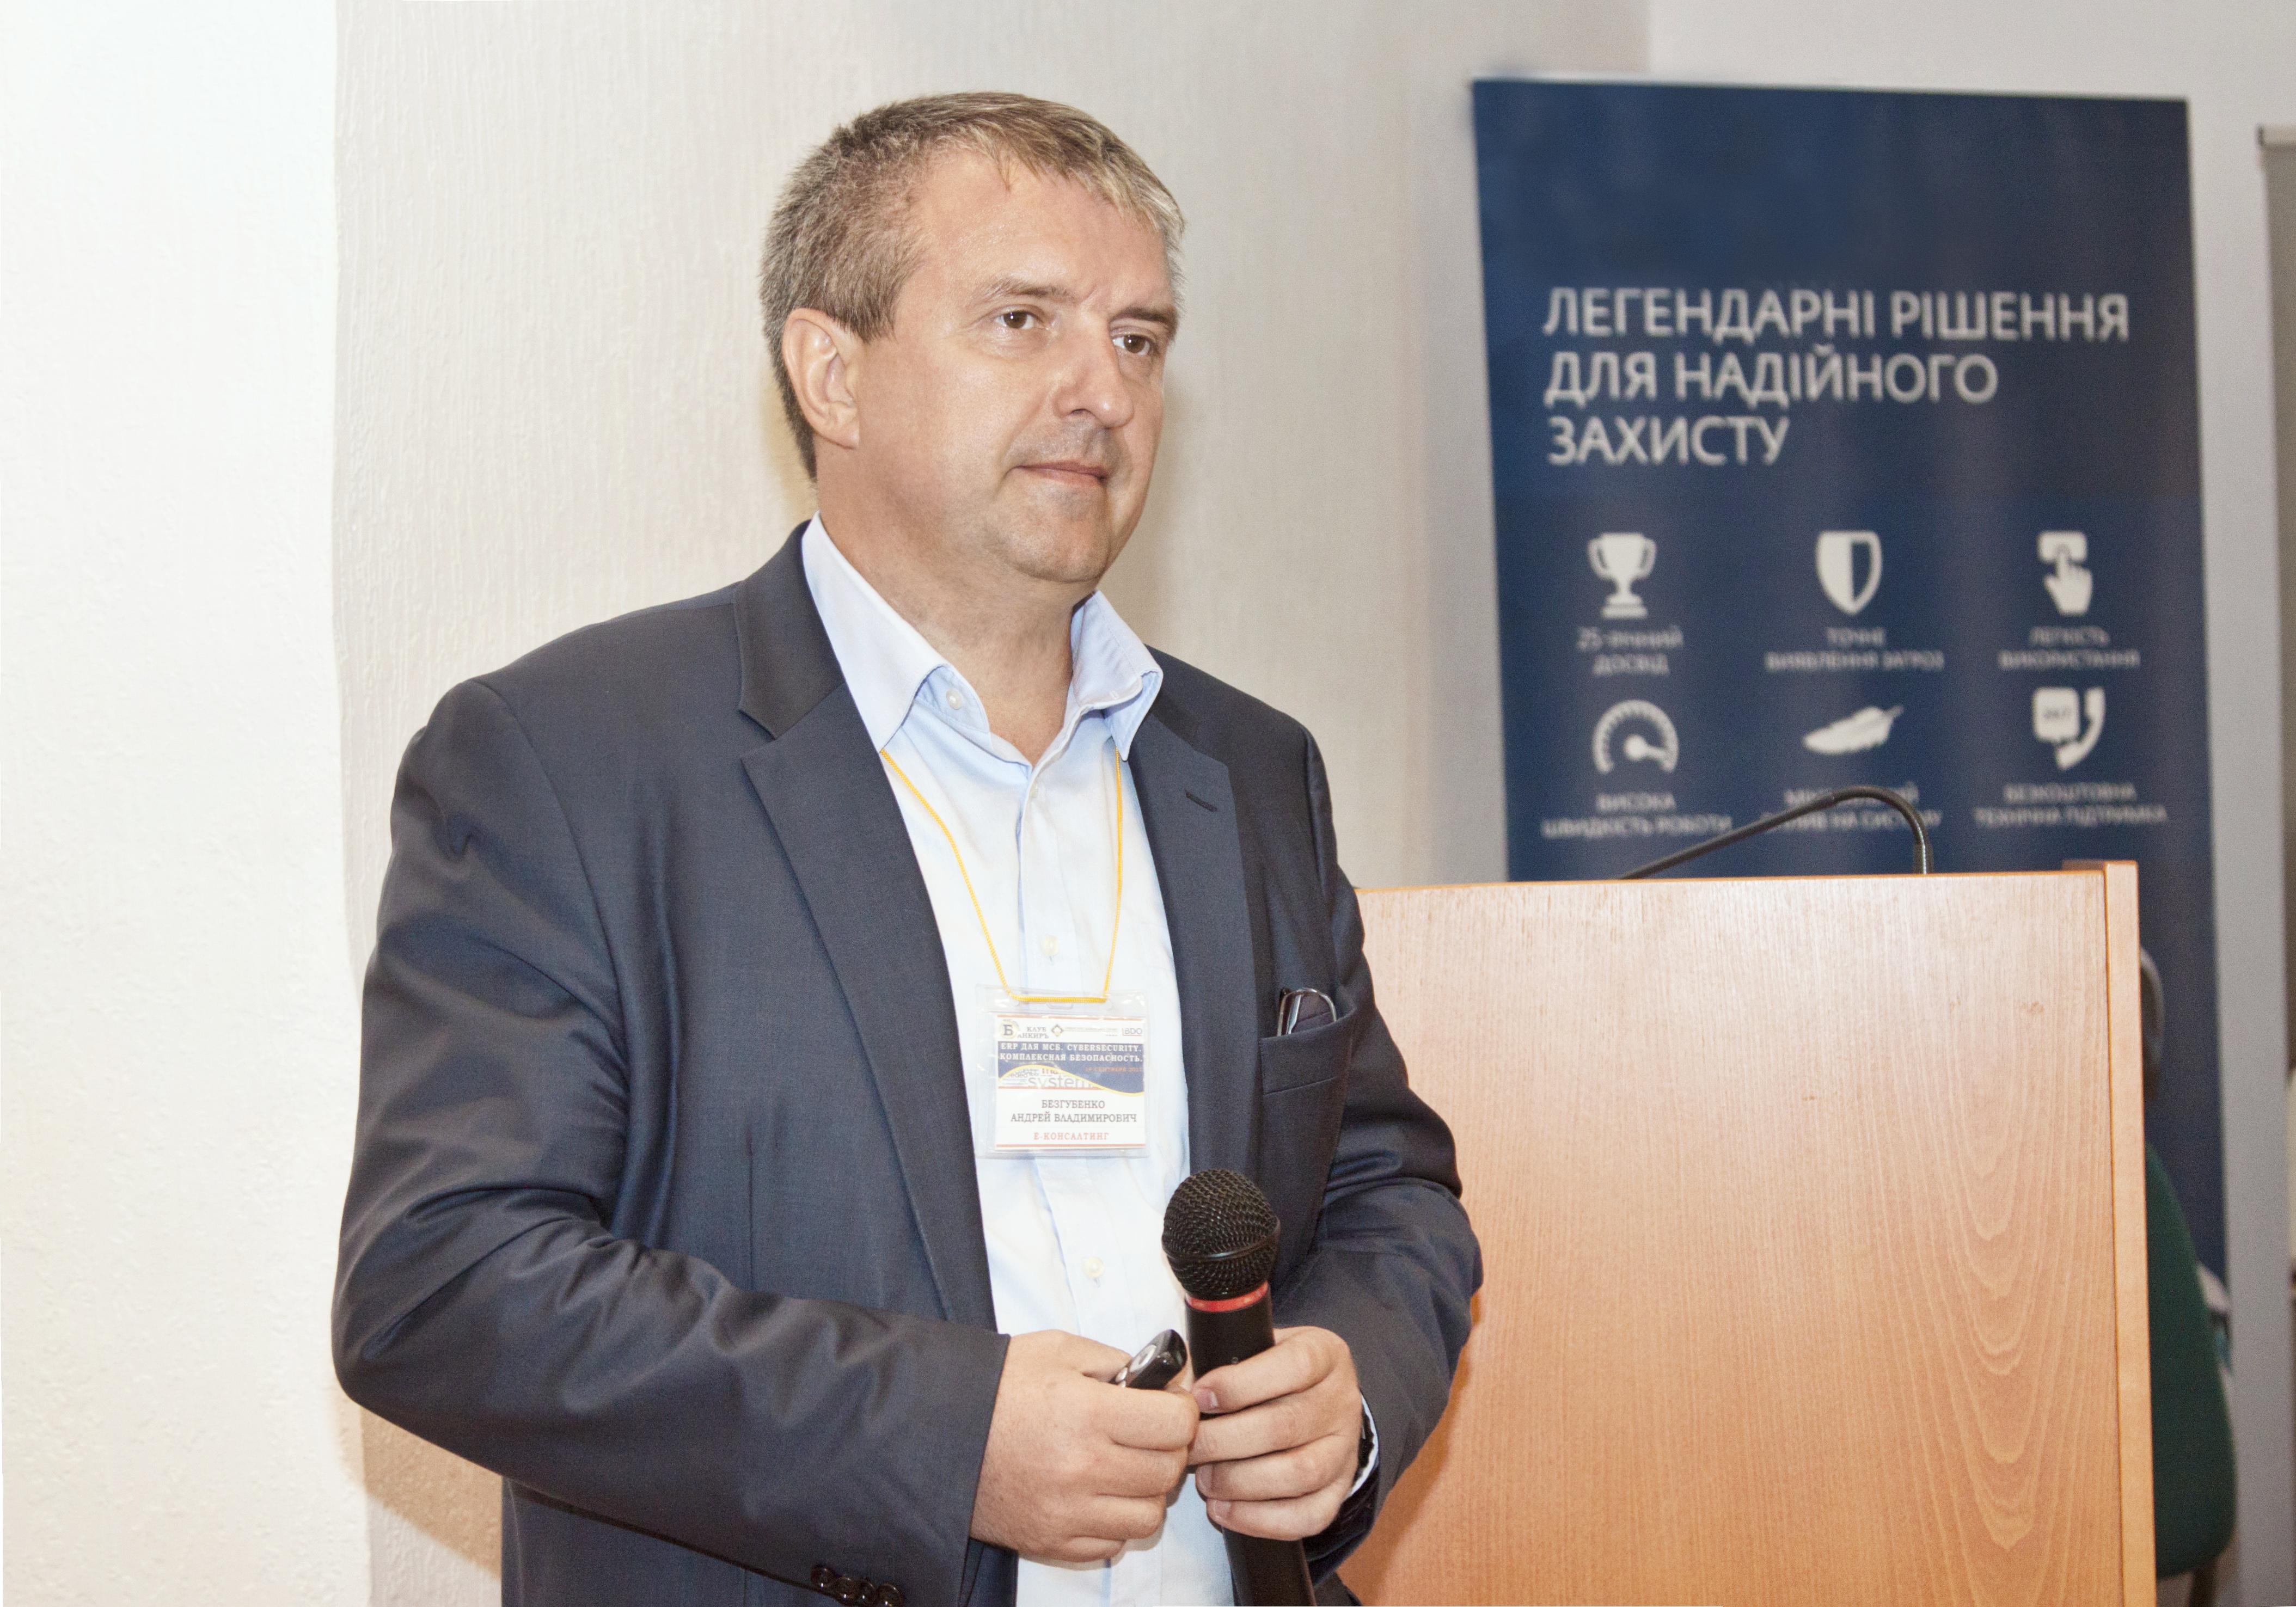 Конференция «ERP ДЛЯ МСБ»: секреты лидогенерации и омниканальности